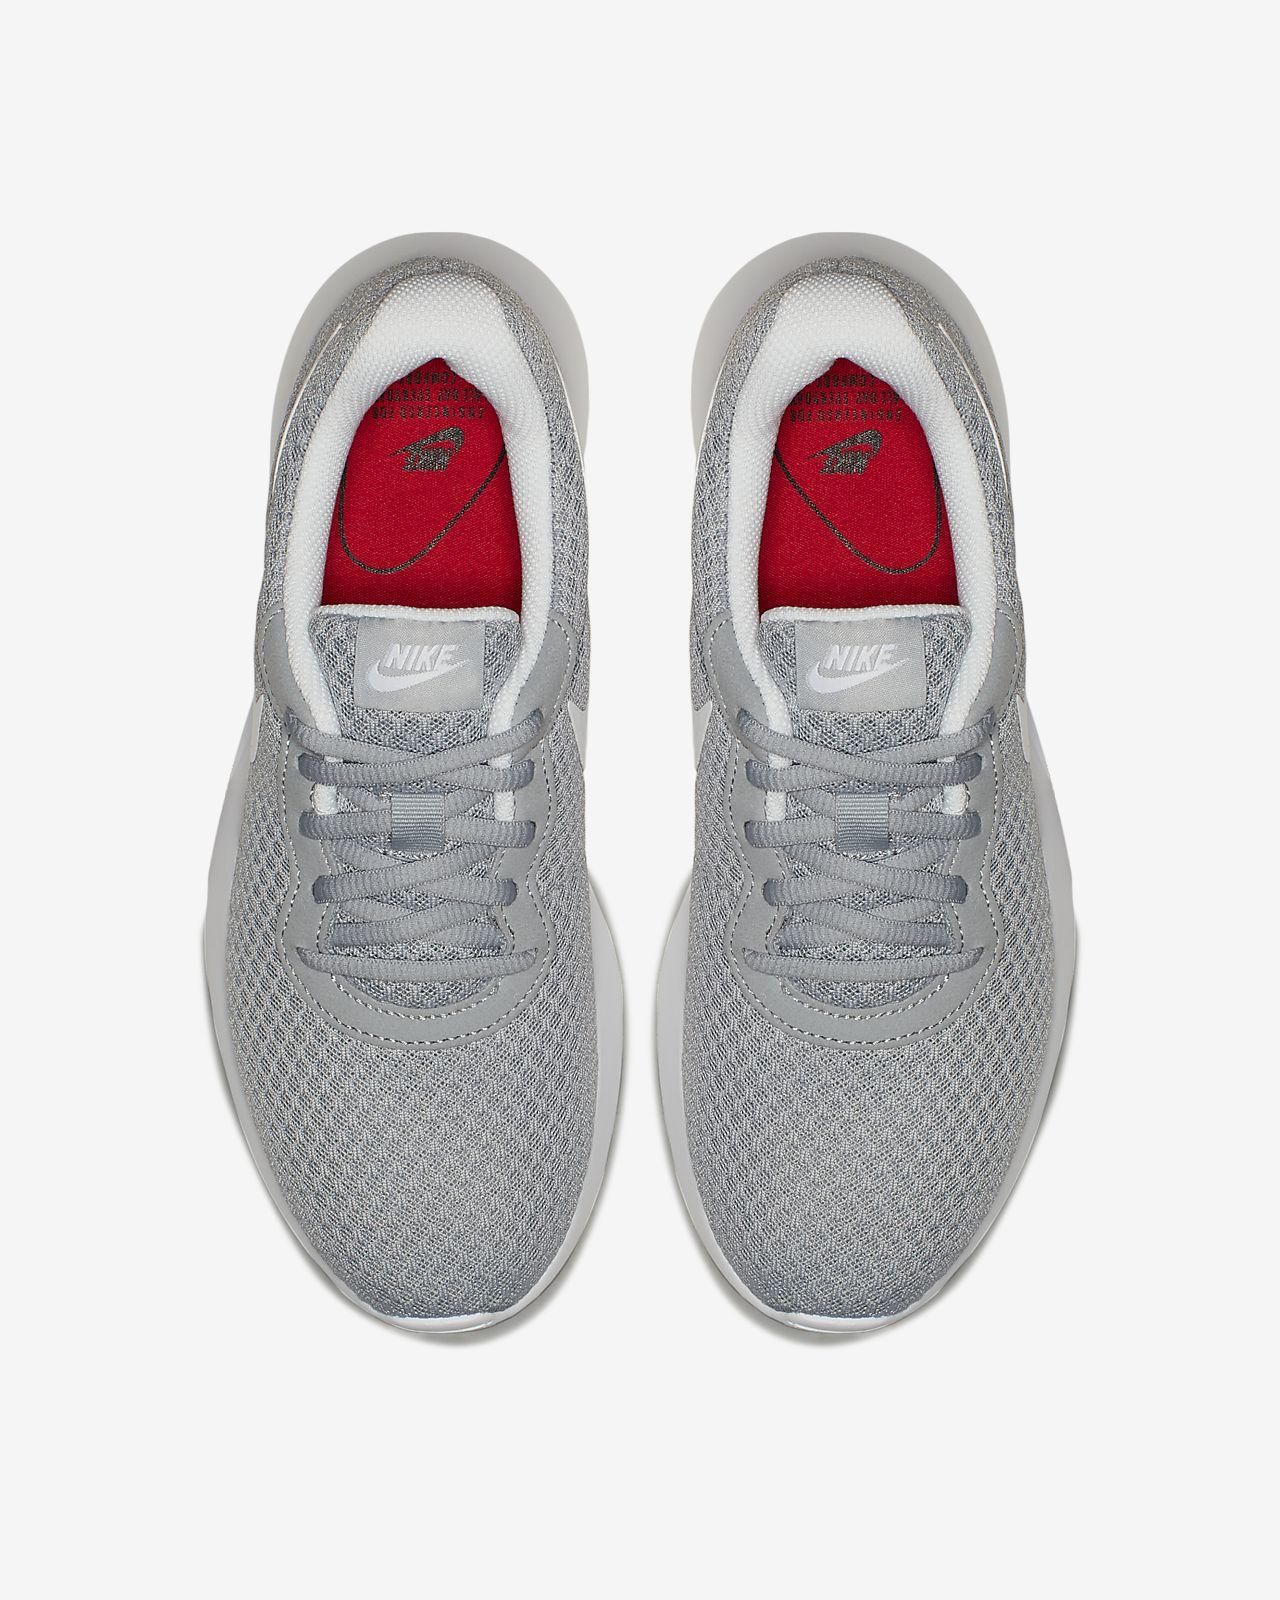 official photos 2c775 06bd0 ... Calzado para mujer Nike Tanjun